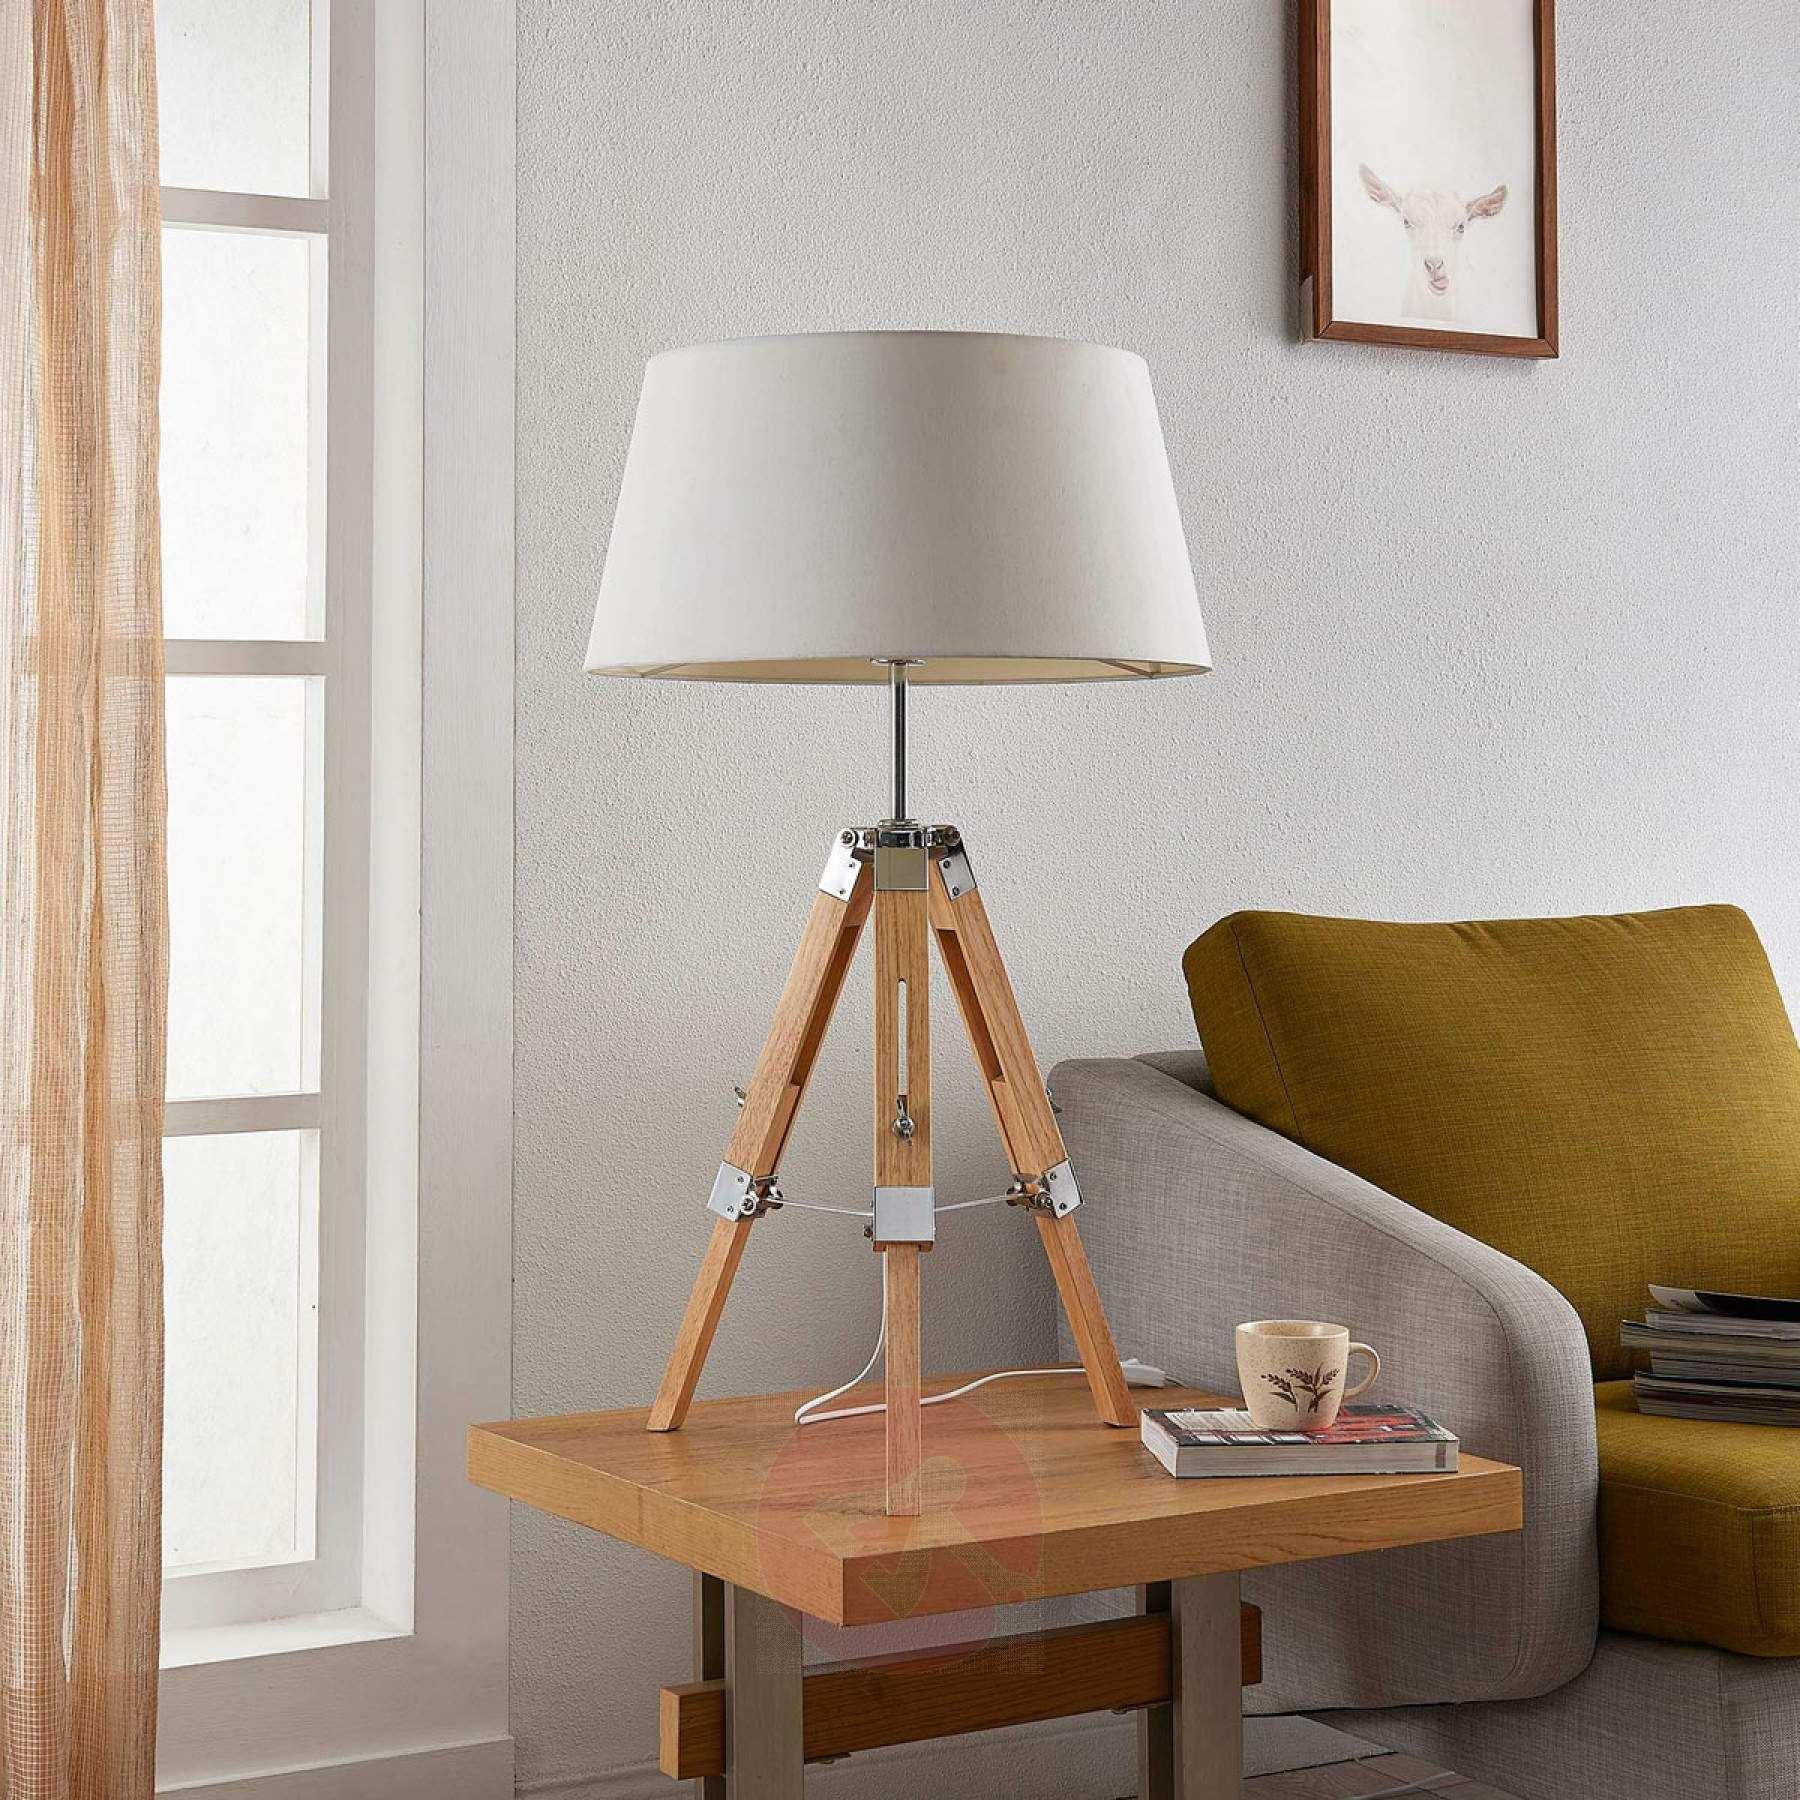 Full Size of Wohnzimmer Lampe Holz Stehlampe Schlafzimmer Schrankwand Liege Garten Holzhaus Lampen Küche Led Deckenleuchte Vinylboden Deckenlampen Wohnzimmer Wohnzimmer Lampe Holz